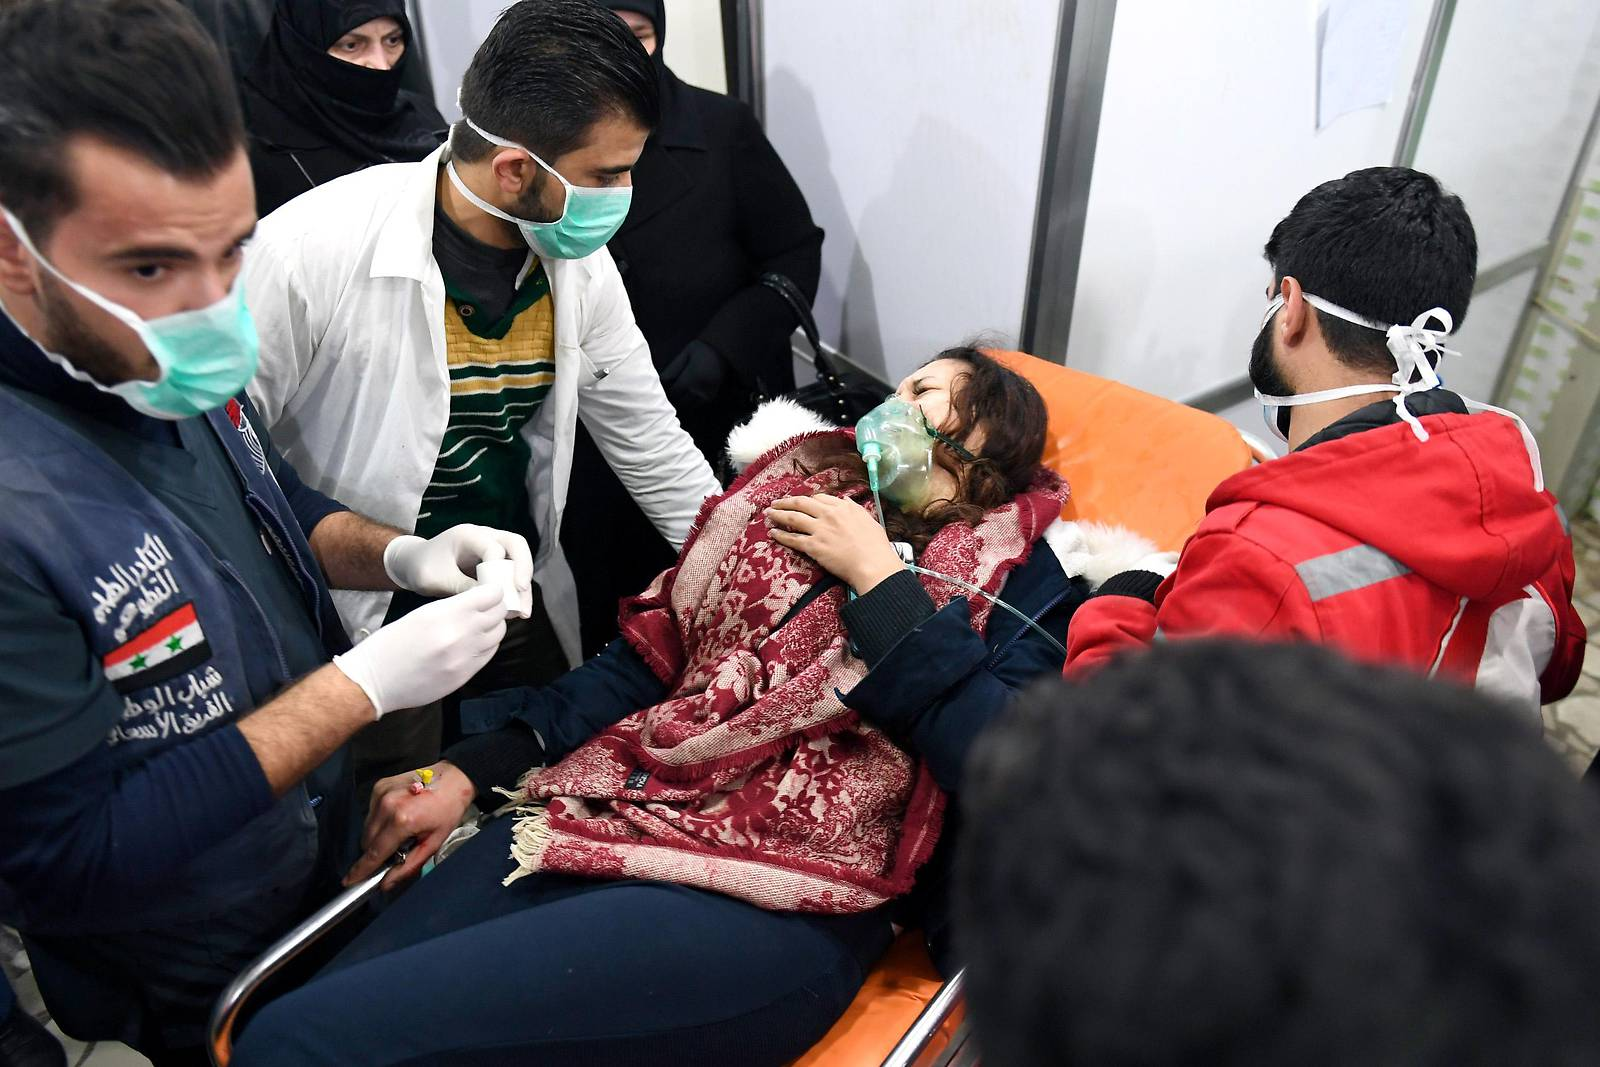 Staatsmedien: Mehr als 100 Verletzte durch Giftgas in Syrien